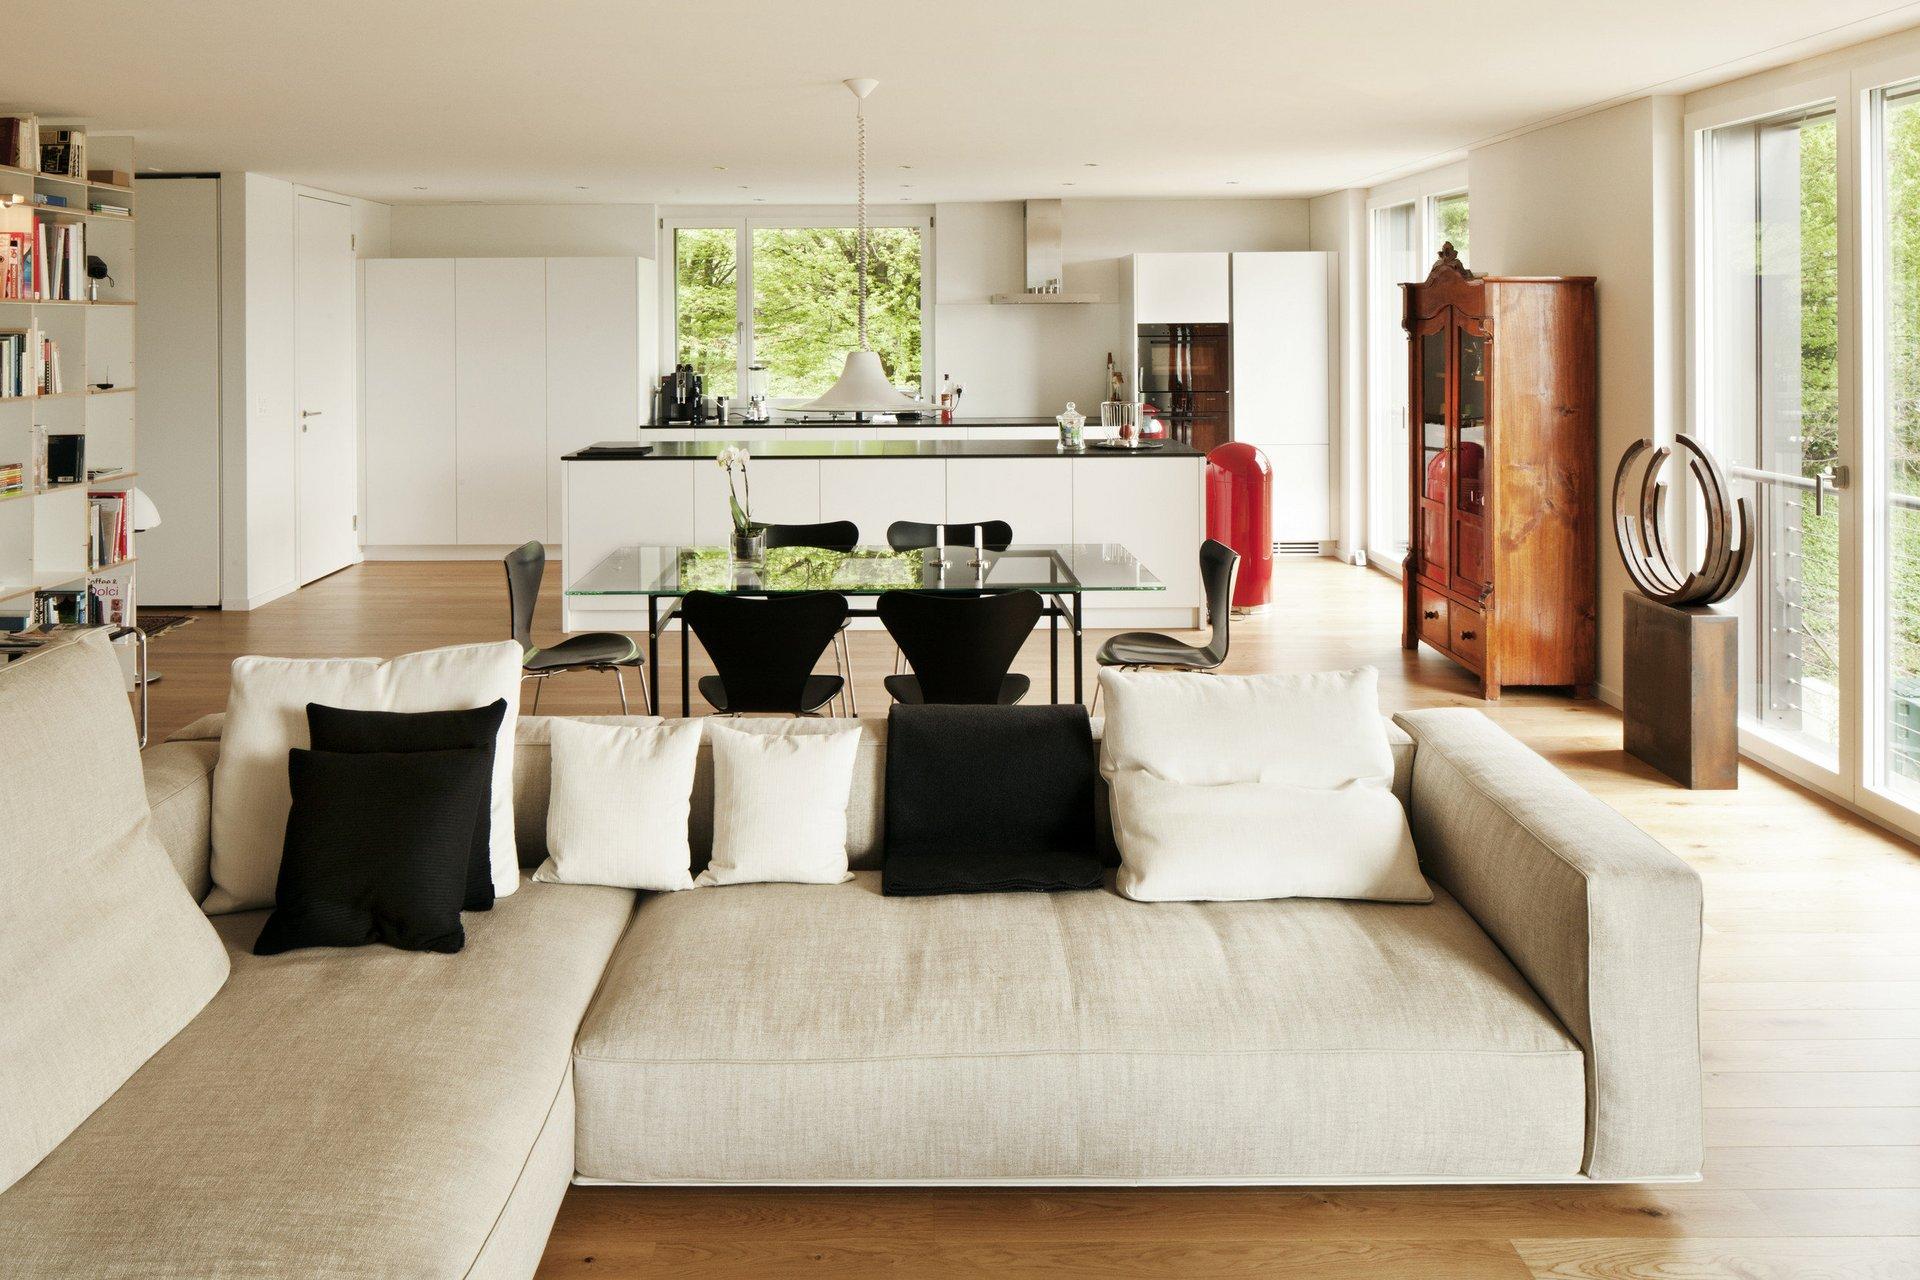 moderner Wohnbereich mit Decken + Innenwände aus Massivbauweise